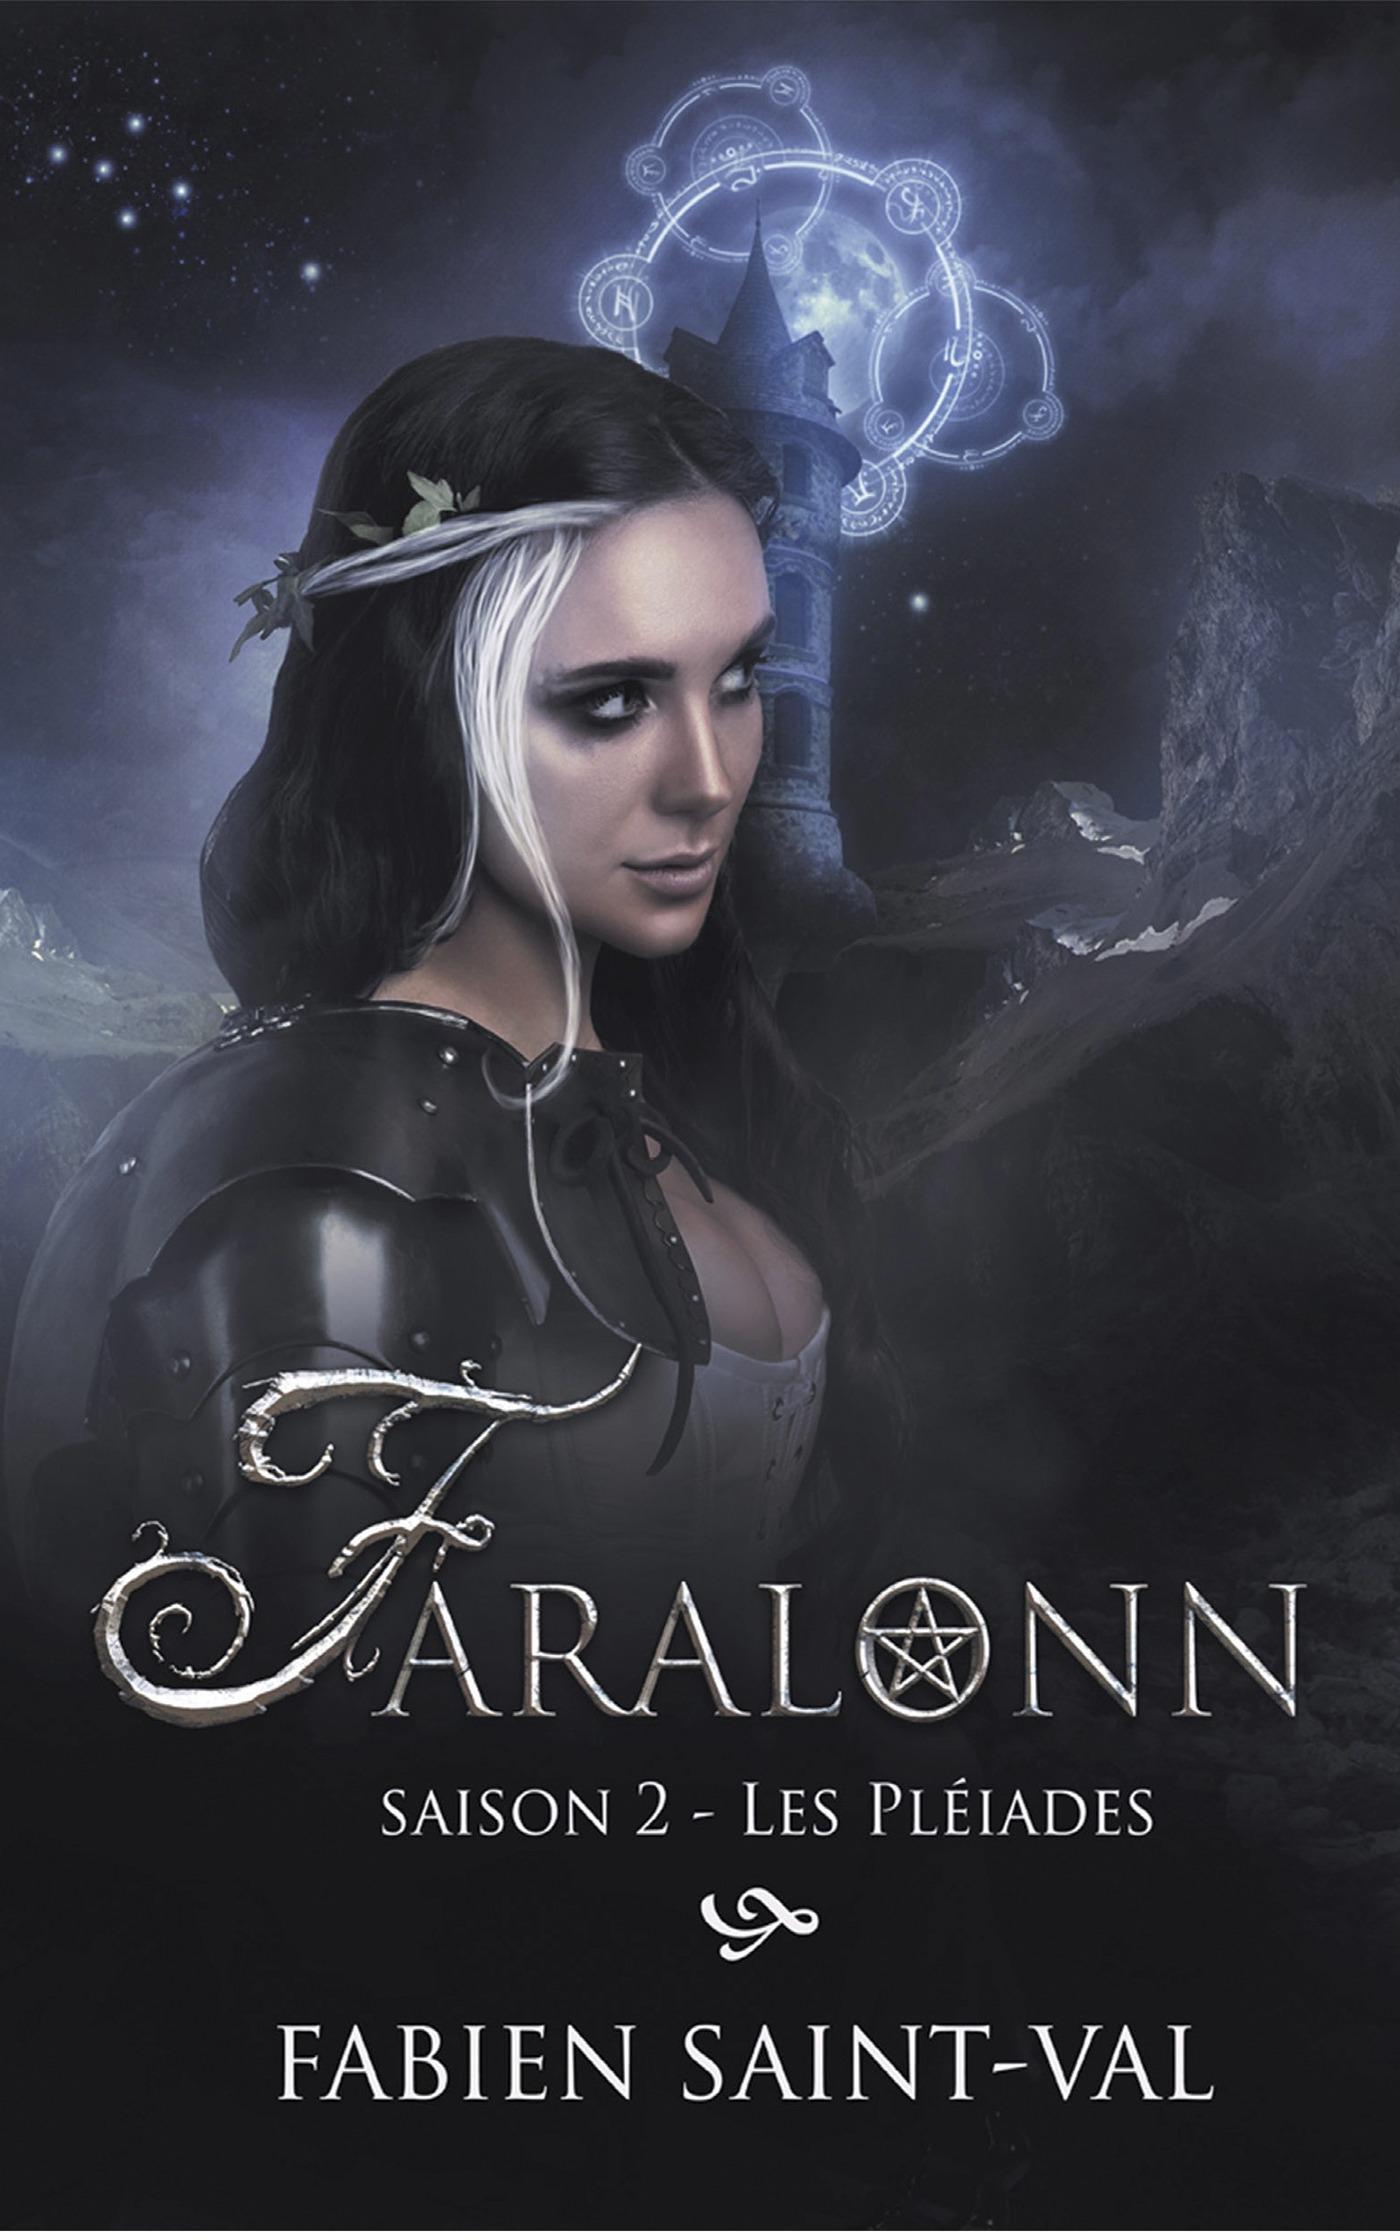 Faralonn saison 2, LES PLÉIADES